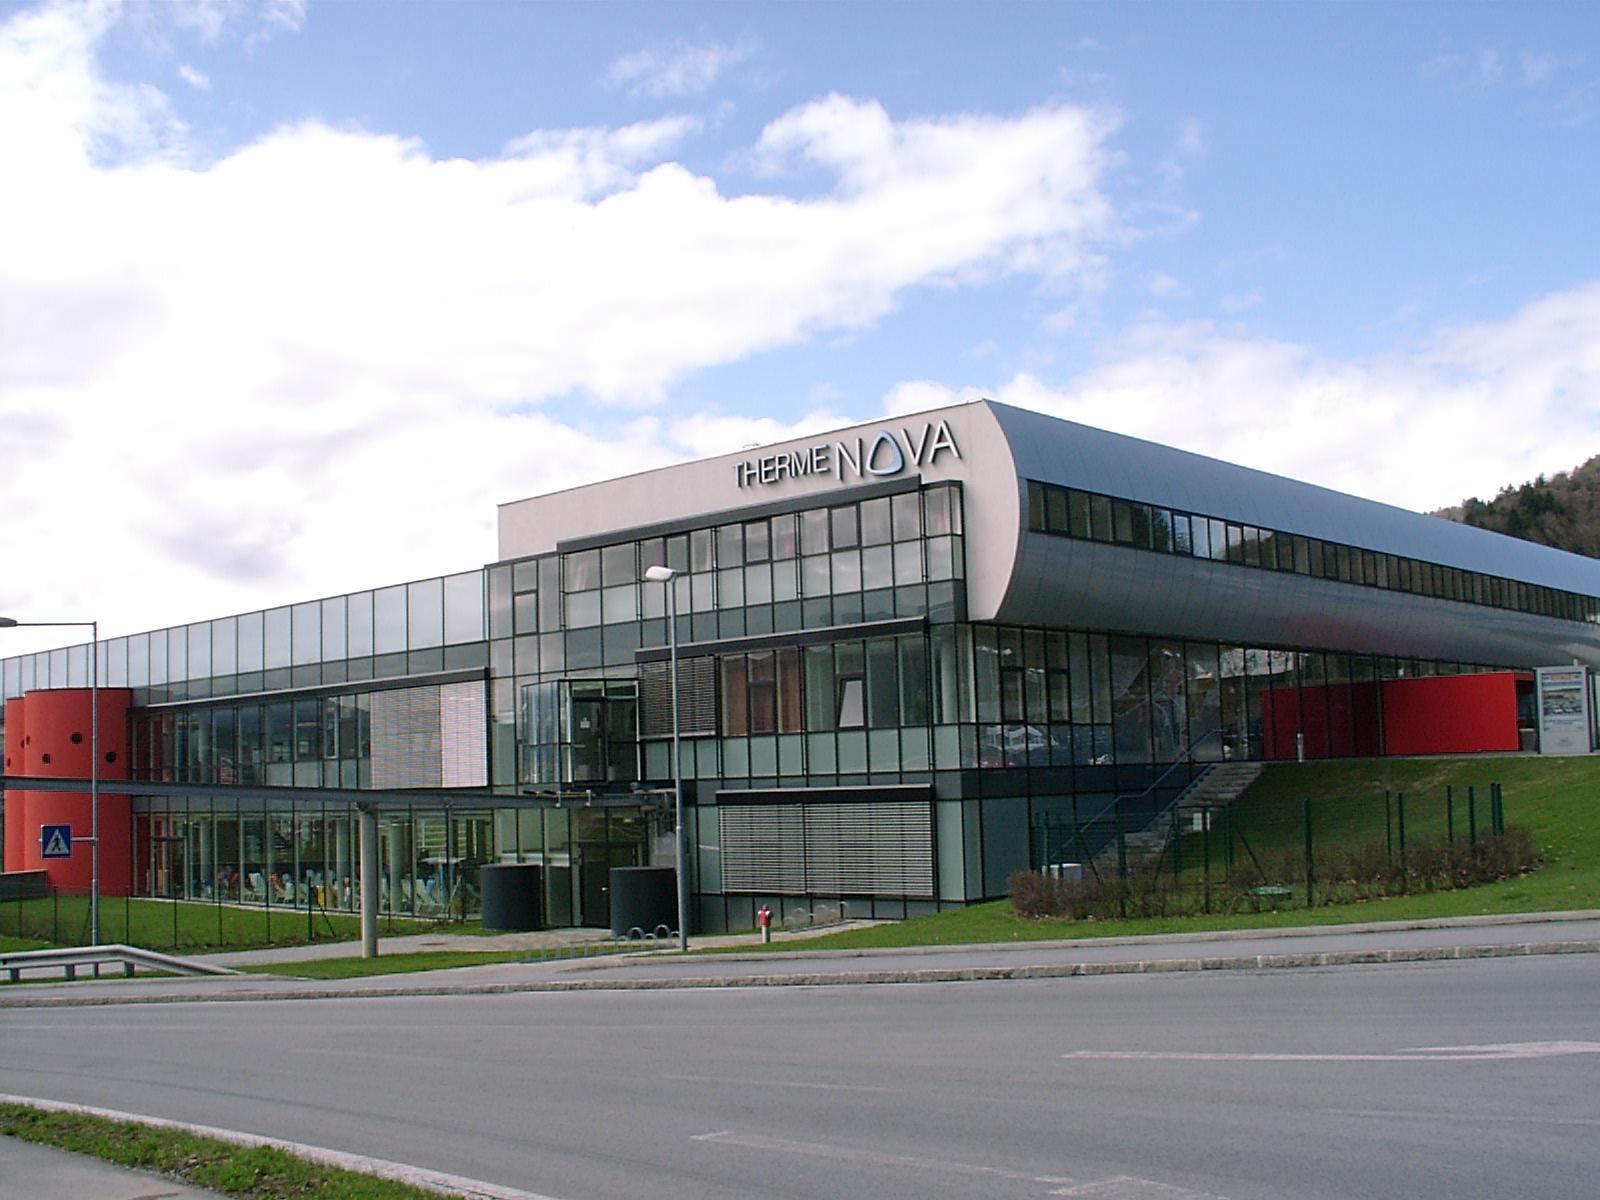 Kunsthaus Bibliothek Kflach, 6 Bahnhofstrae, Kflach